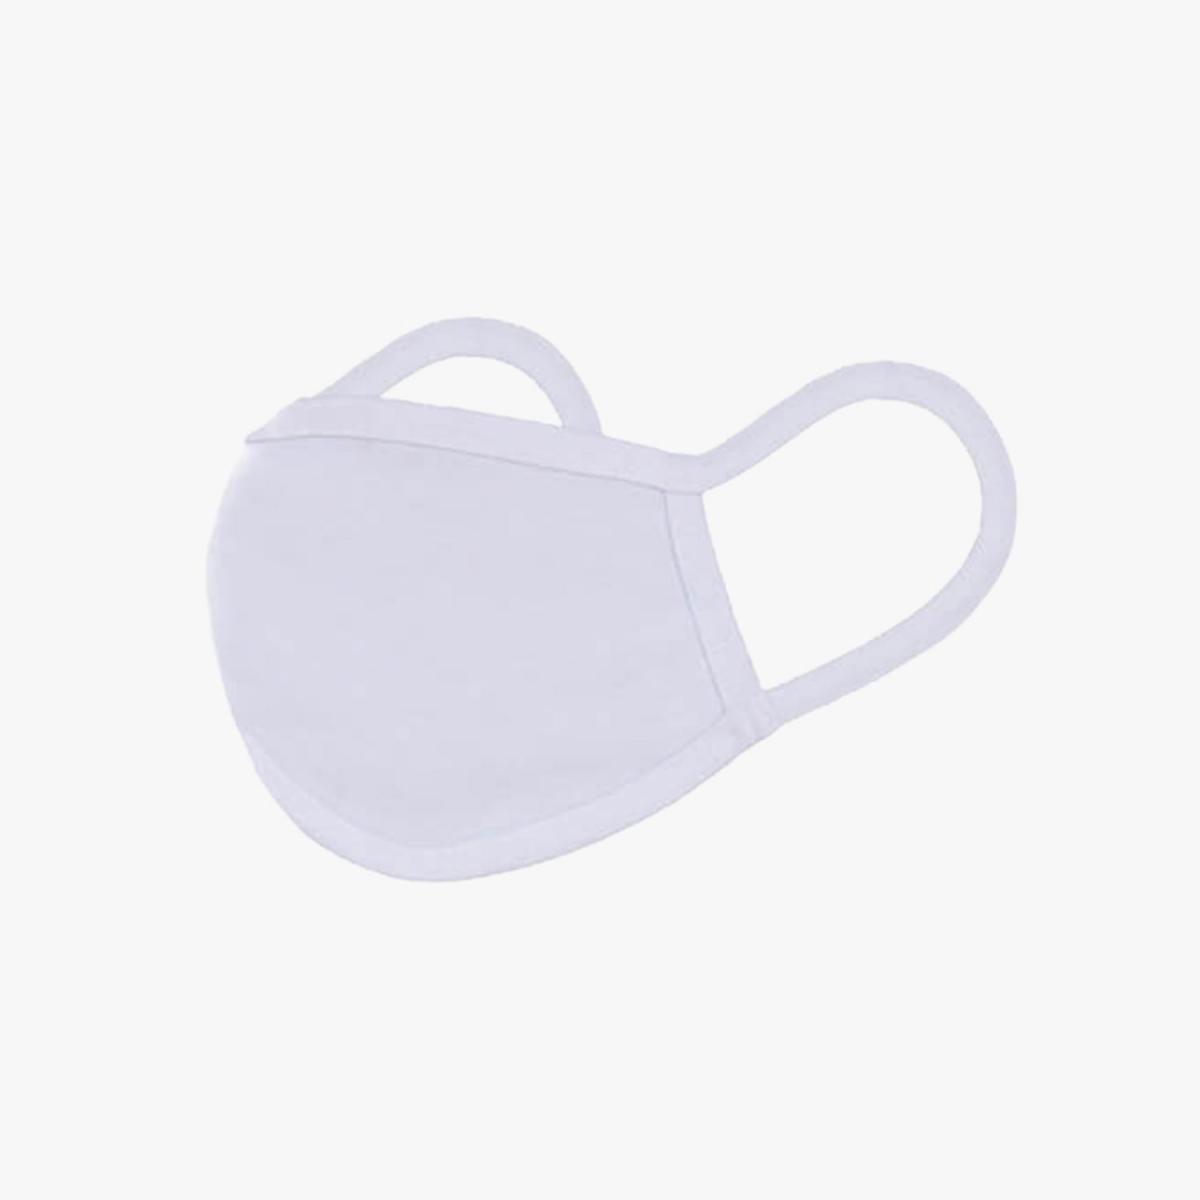 Maske Mund-/Nasenschutz für Schüler & Jugendliche zum selbst gestalten